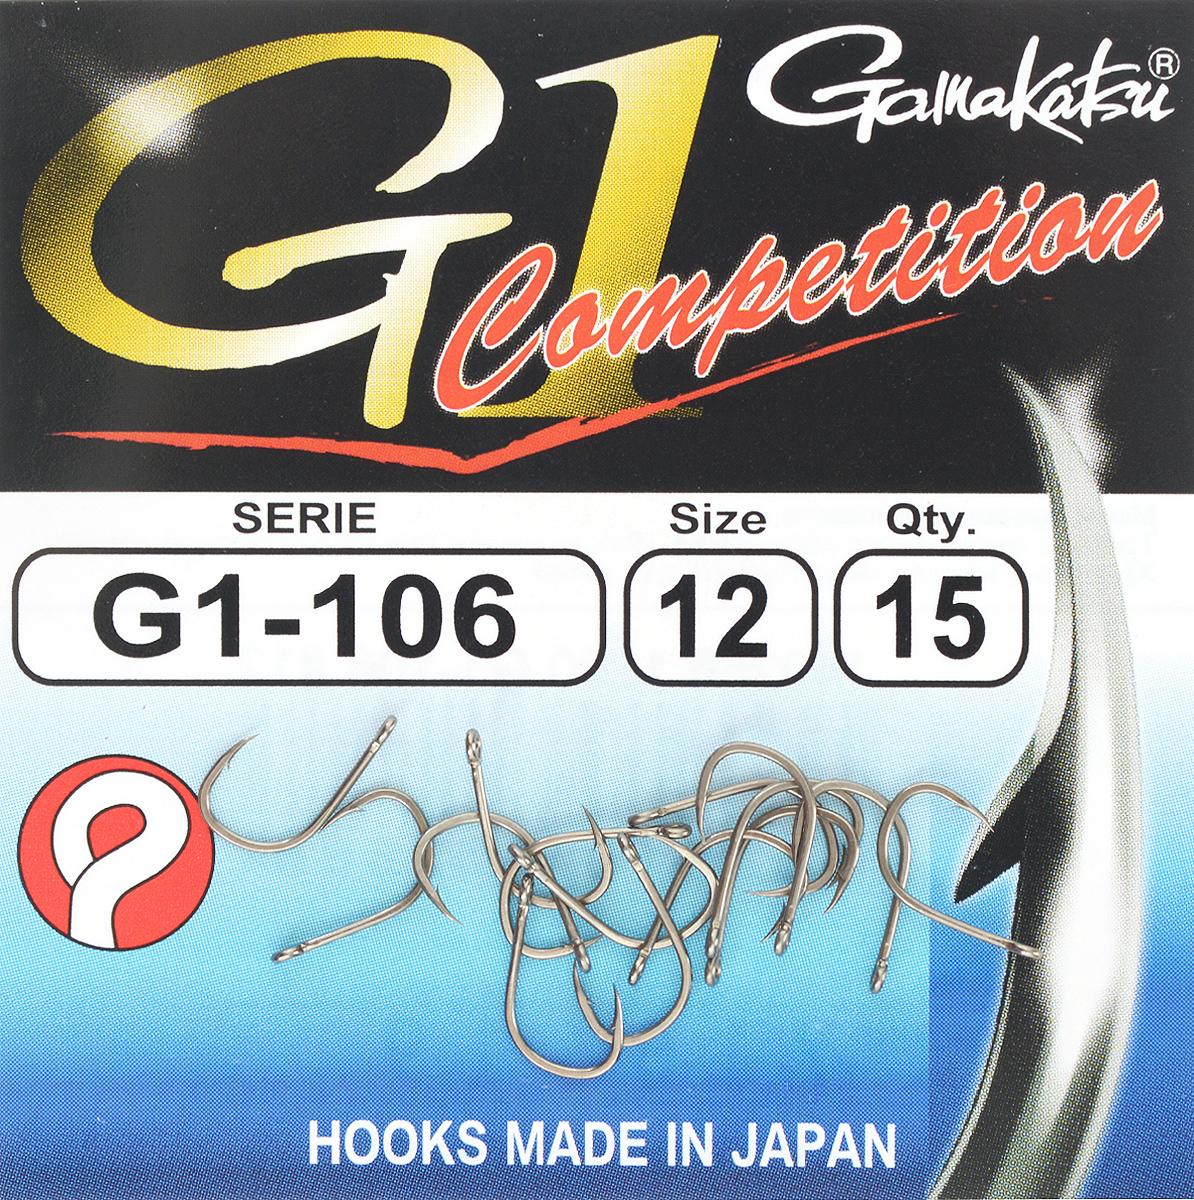 Набор крючков Gamakatsu G-1 Competition, размер №12, 15 шт23412Gamakatsu G-1 Competition - это крючки, прекрасно подходящие для ловли на волосяную оснастку в условиях соревнований. Изделия выполнены из тяжелой проволоки.